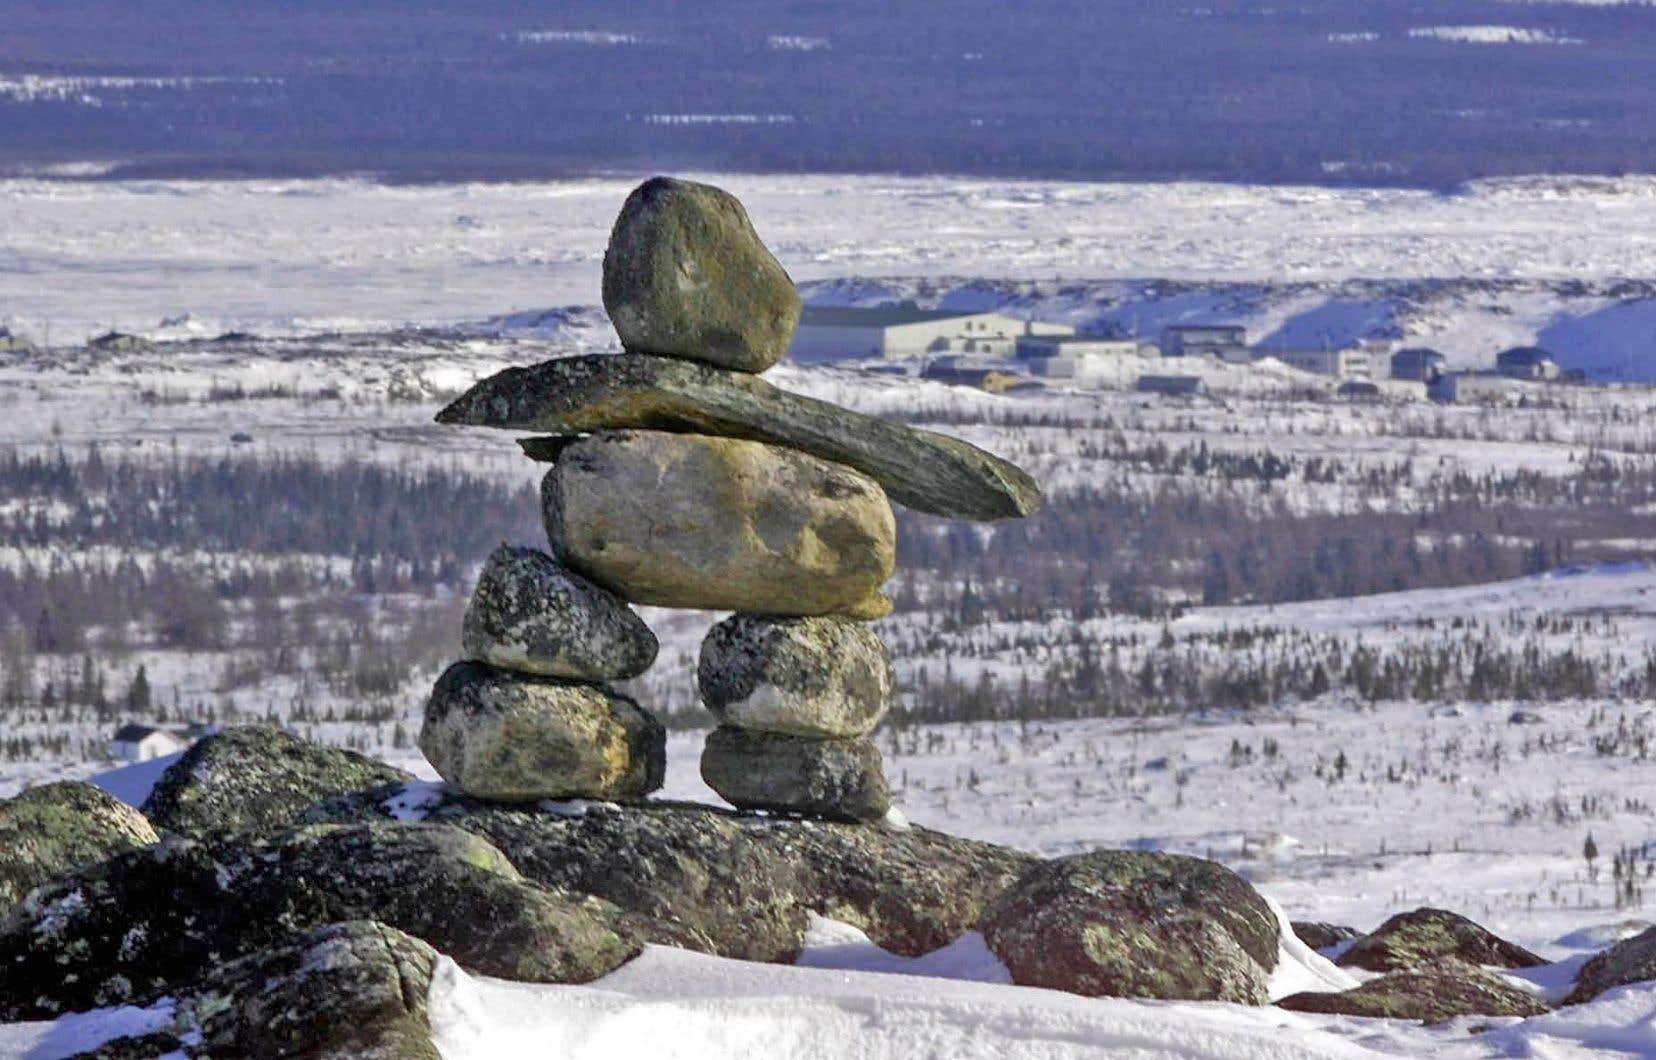 «La violence conjugale, c'est un enjeu majeur au Nunavik. C'est difficile d'en parler publiquement, puisque c'est encore un sujet tabou. Ni les victimes ni les agresseurs ne veulent en discuter ouvertement», laisse tomber Anita Gordon, à la tête du programme de bien-être au Centre de santé Tulattavik de l'Ungava.